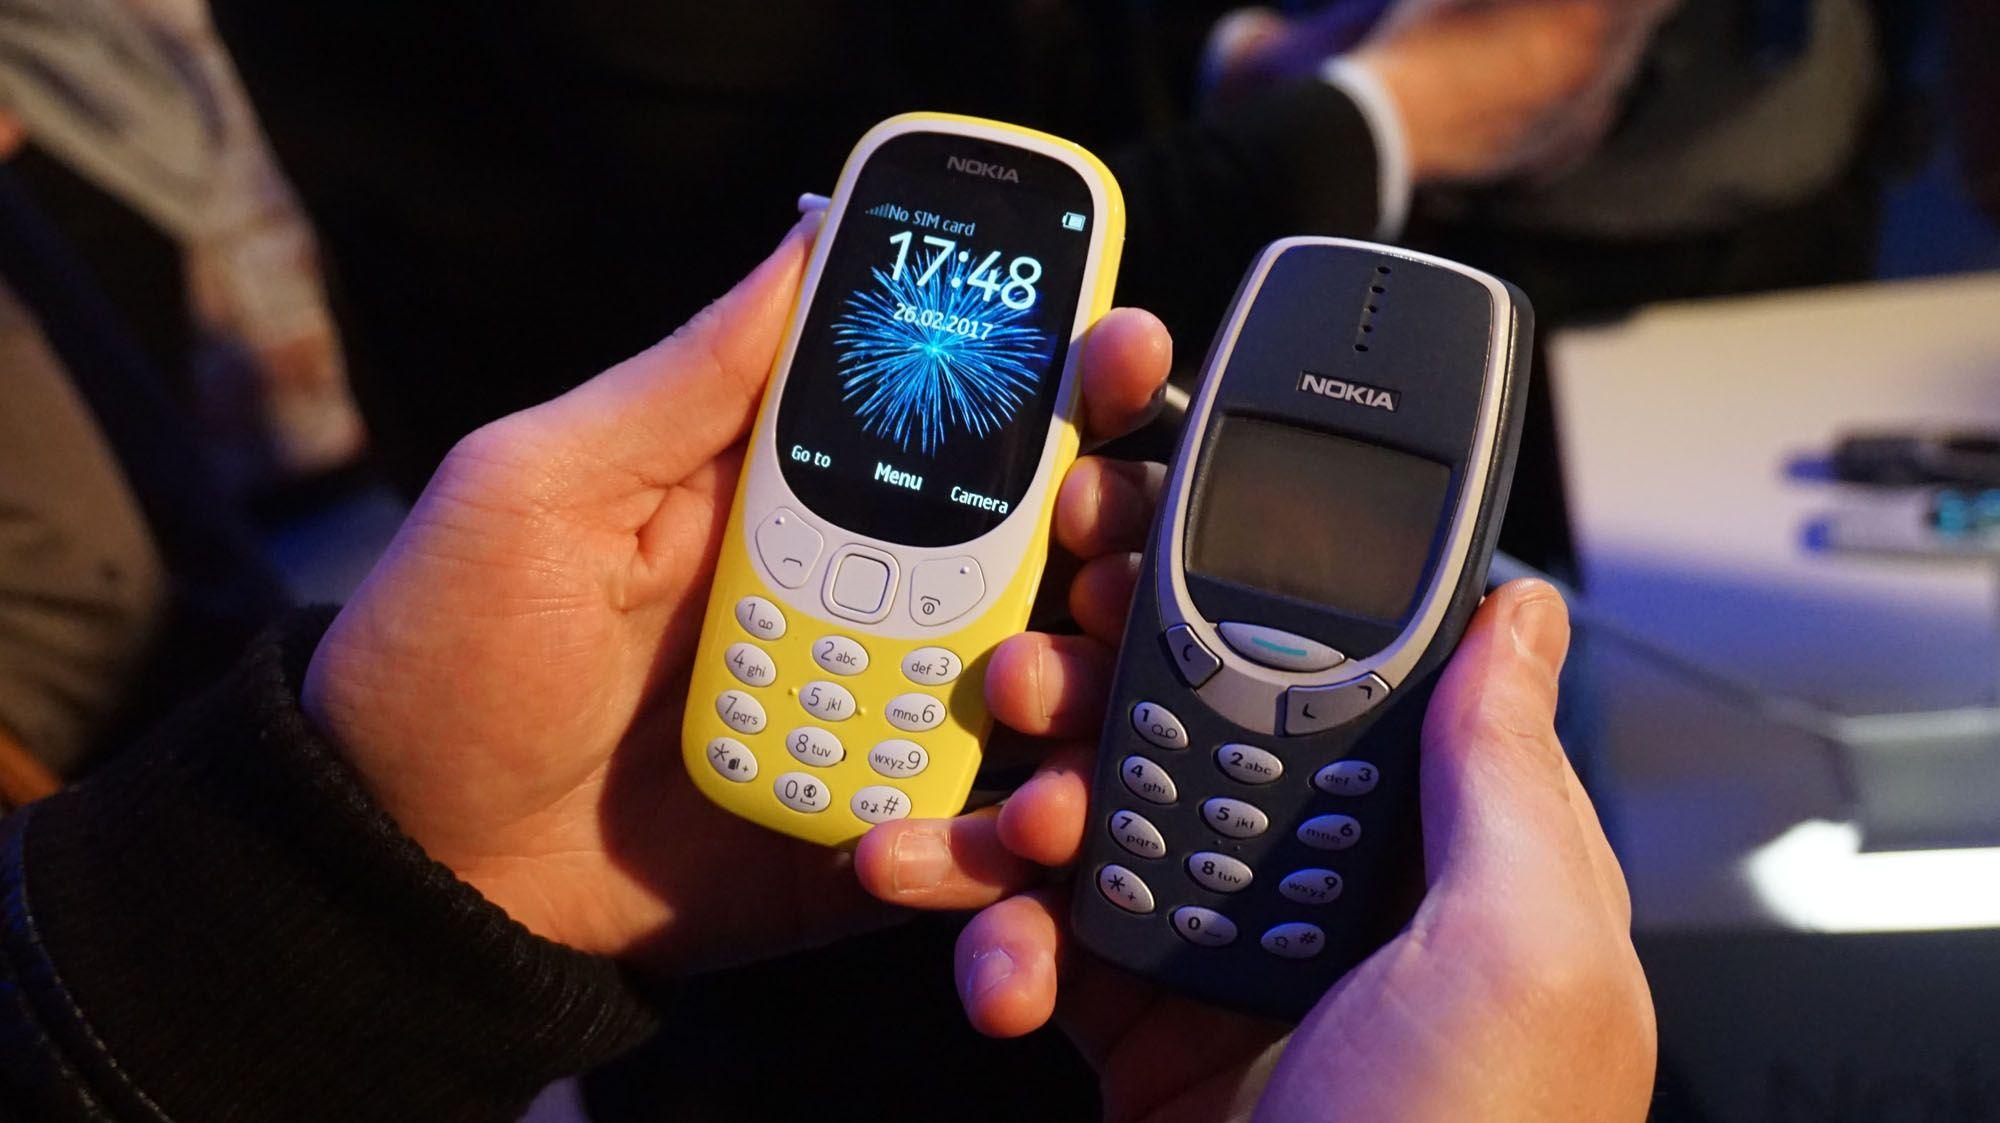 Vous avez probablement mieux  faire avec 70 € que d acheter un Nokia 3310 Tech Connect IT CARAIBE Pinterest